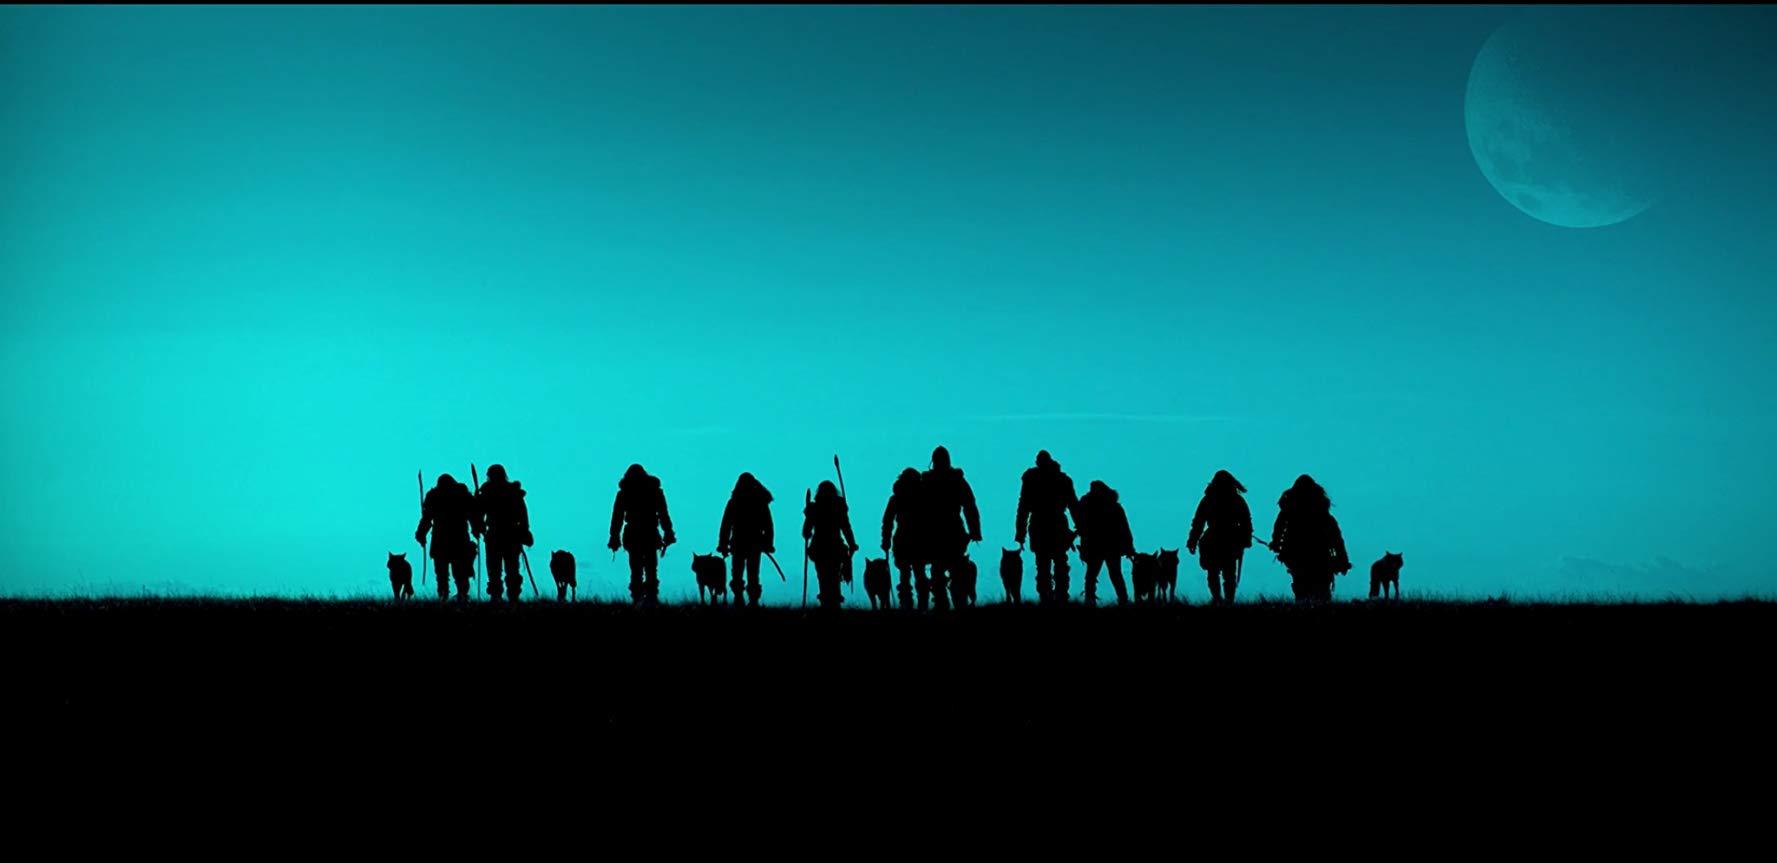 Alpha - Un'amicizia forte come la vita: una suggestiva immagine del film